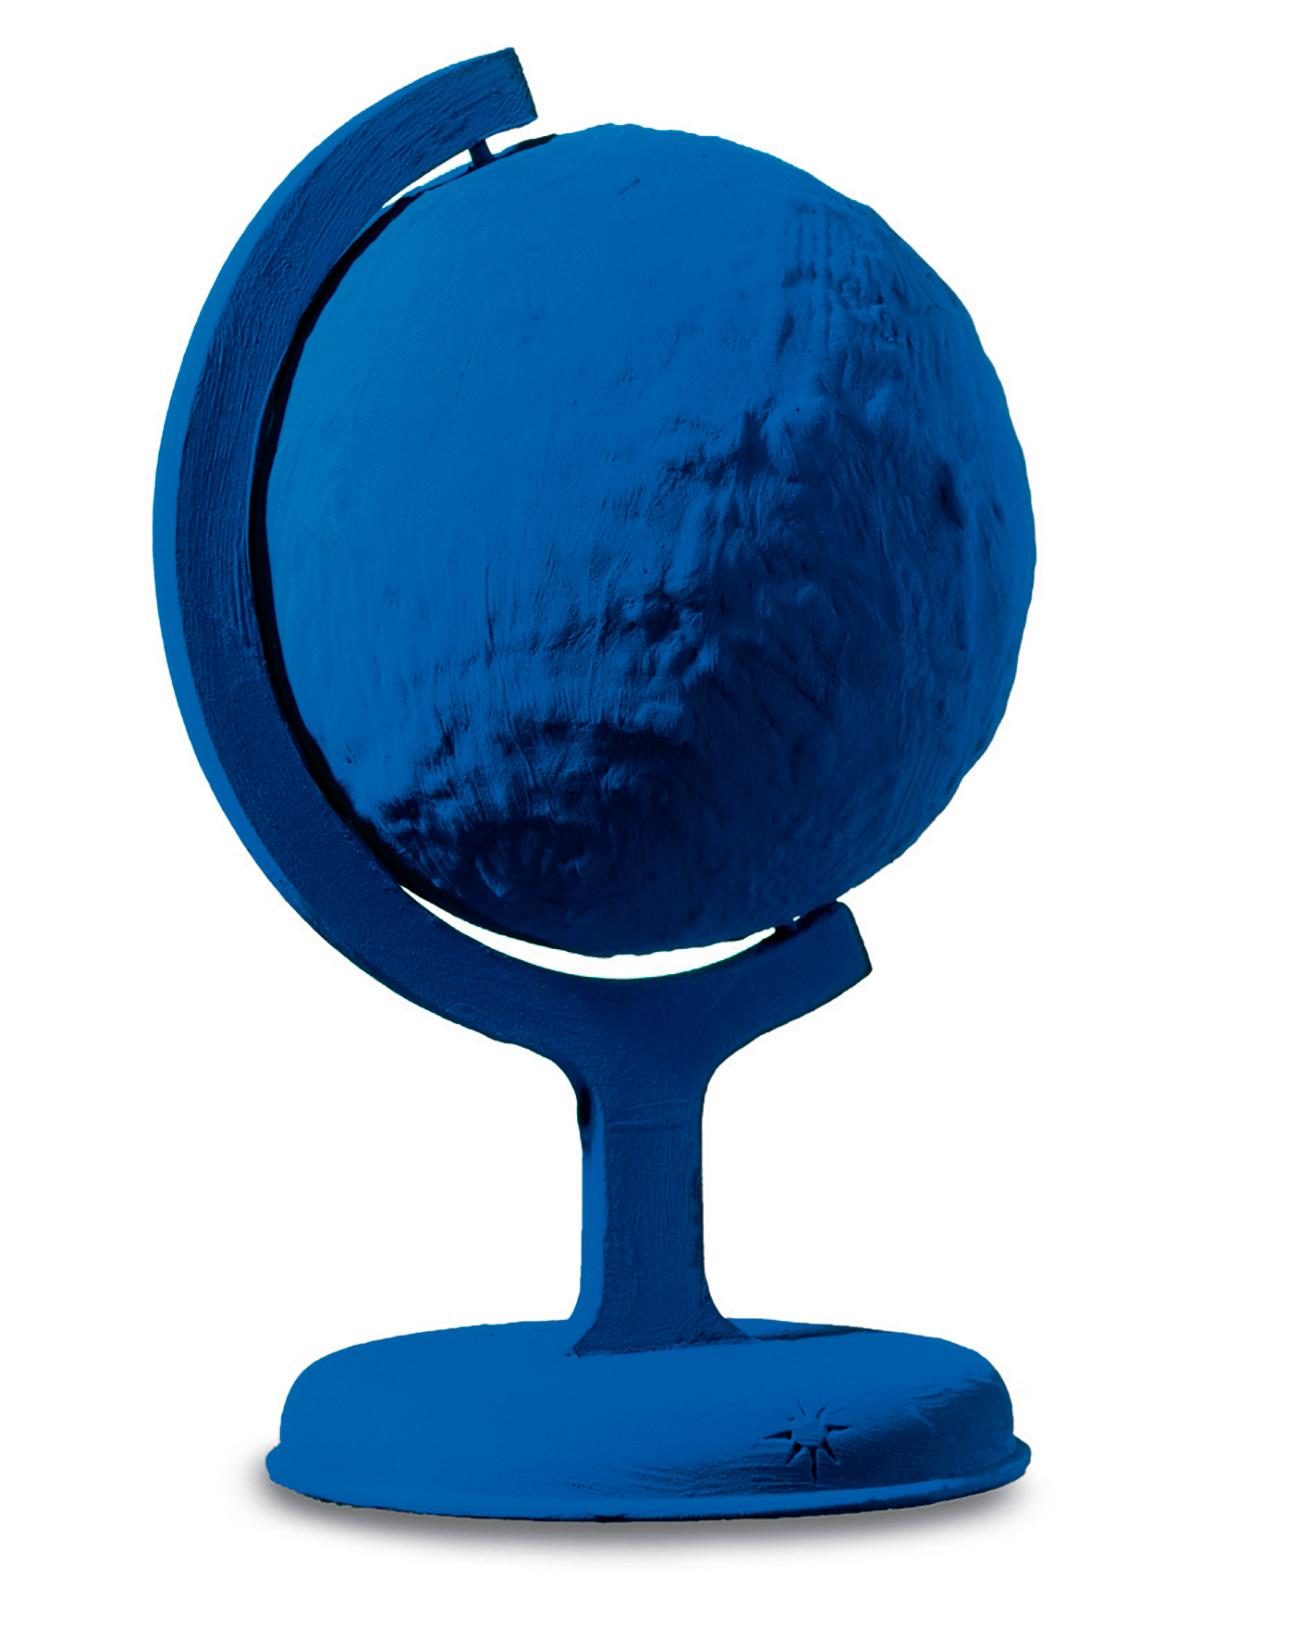 Yves Klein. Blue Globe (RP 7). 1988 / Yves Klein, ADAGP, Paris